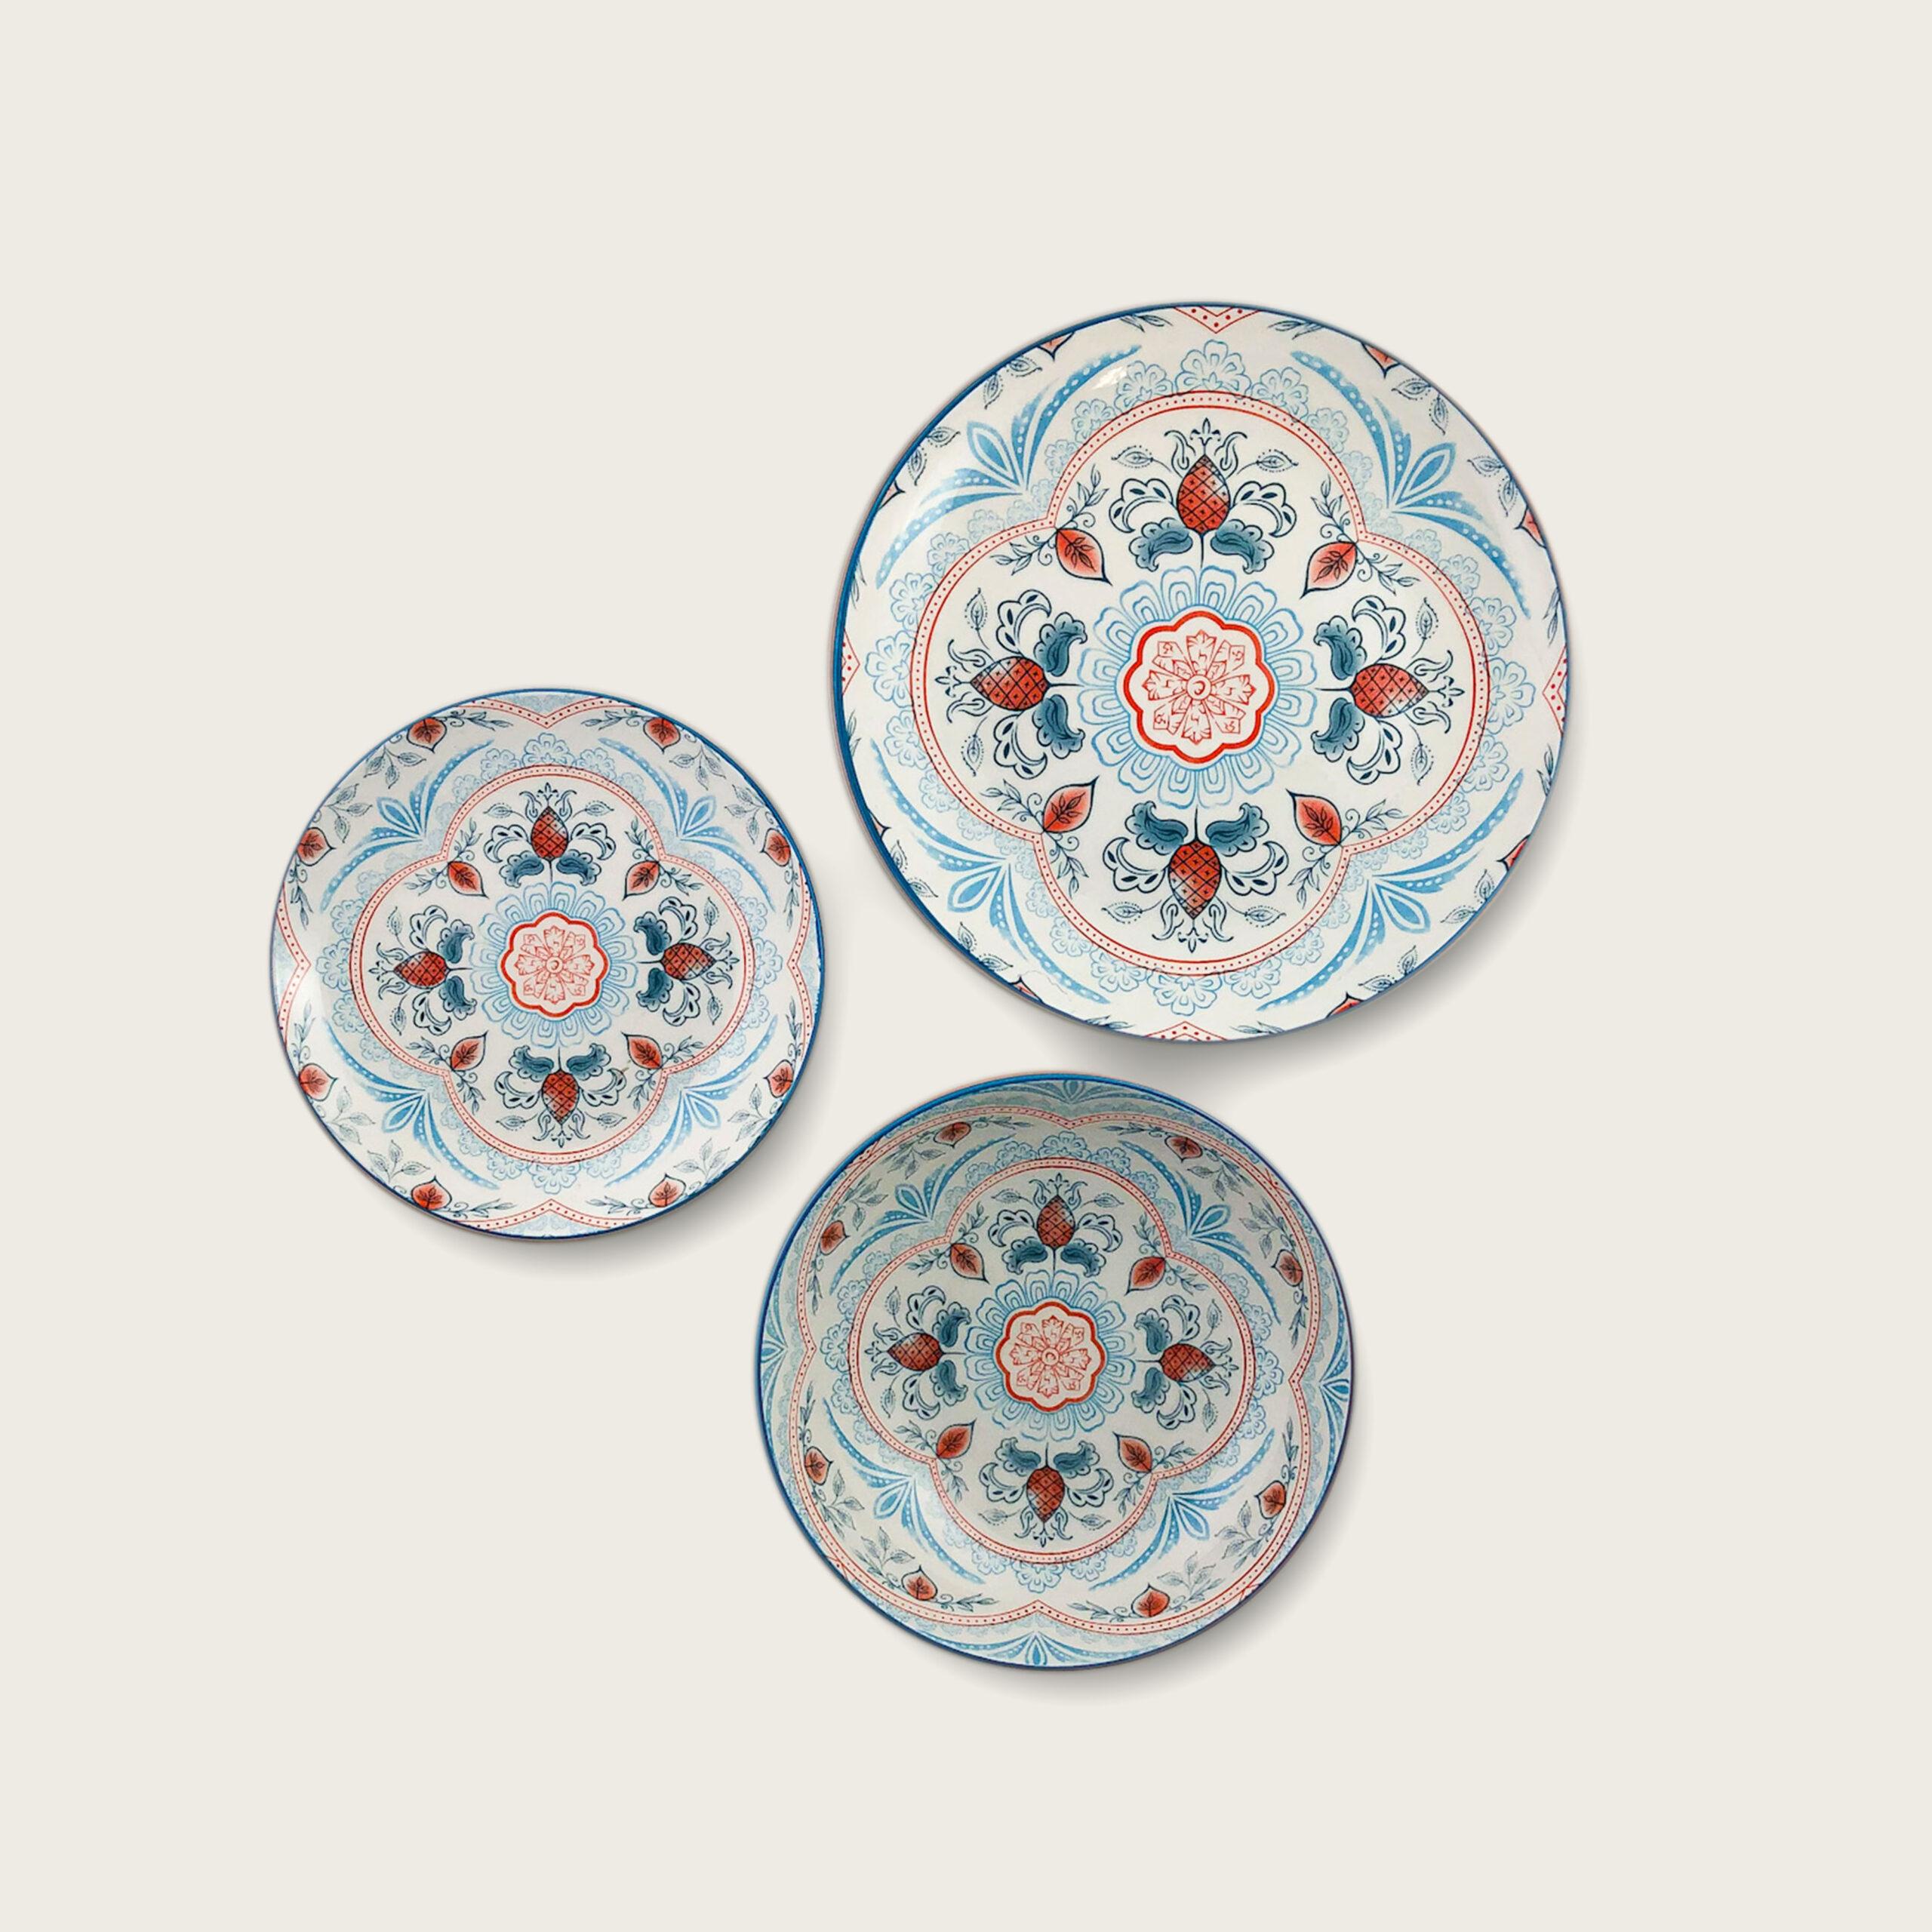 Kyoto piatto in porcellana - decoro floreale - salmone azzurro